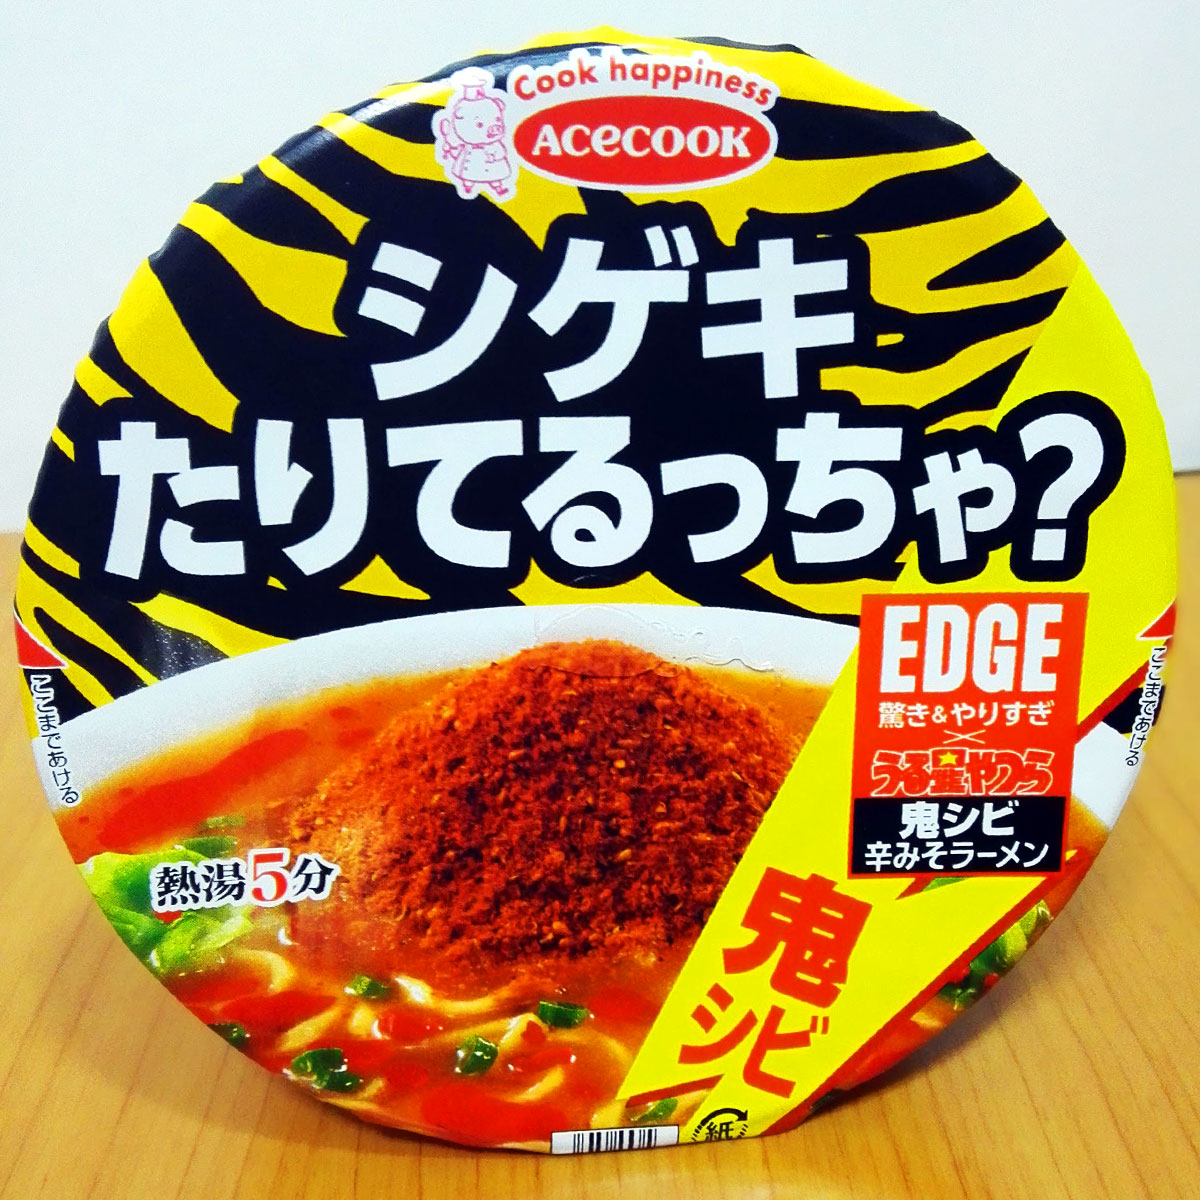 エースコック「EDGE 鬼シビ 辛みそラーメン シゲキたりてるっちゃ?」